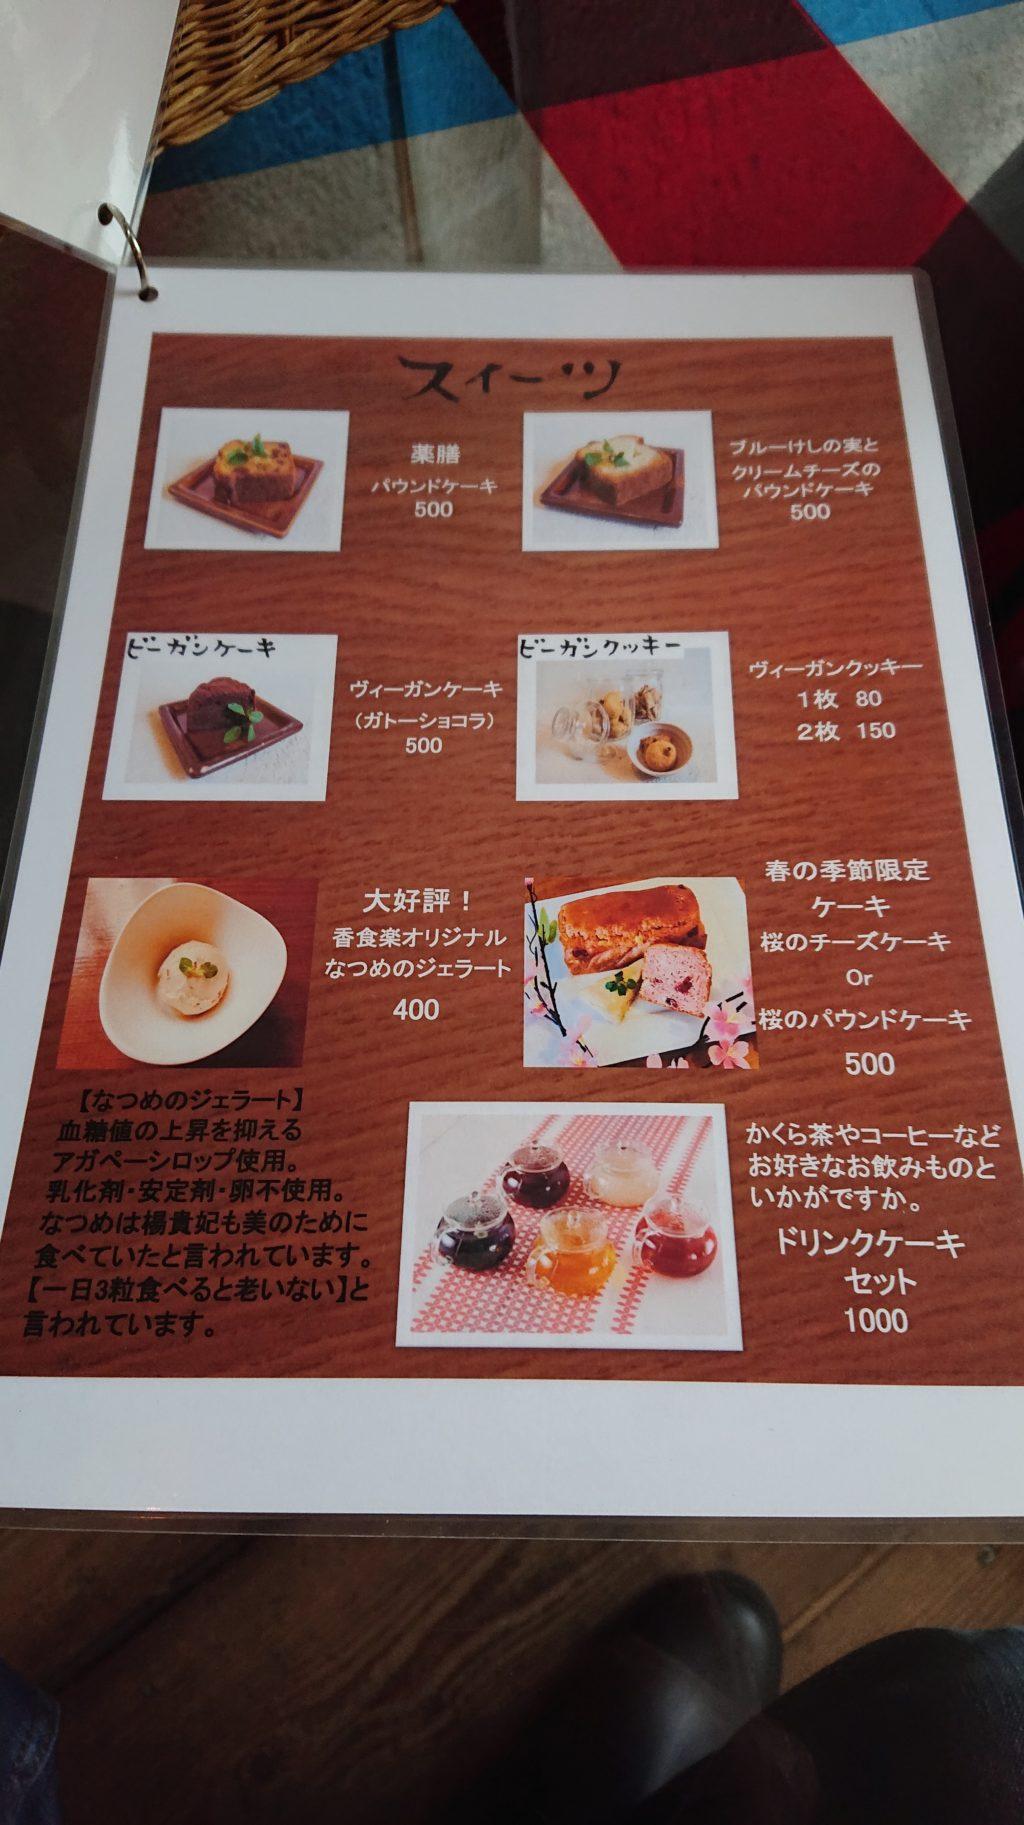 香食楽 (kakura カクラ)メニュー2